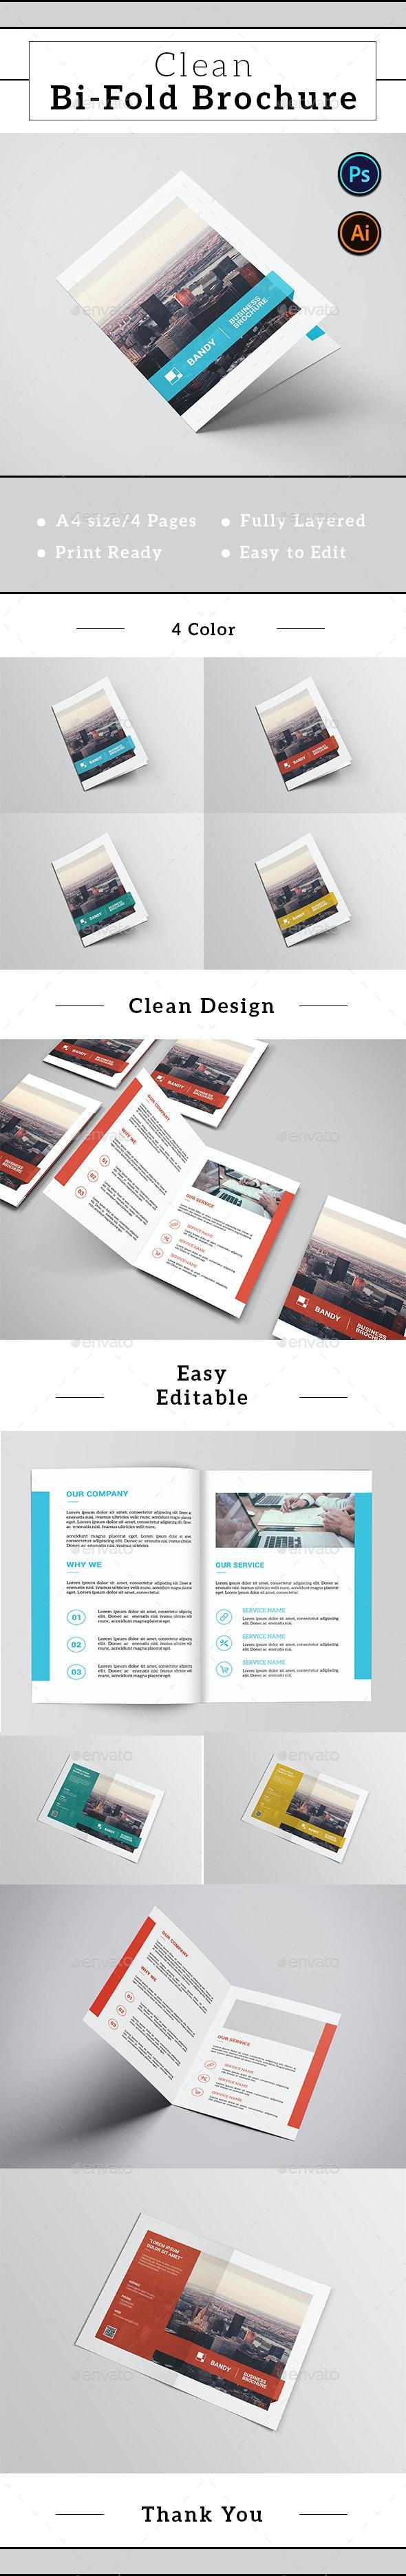 Corporate Bifold Brochure-v419 - Corporate Brochures